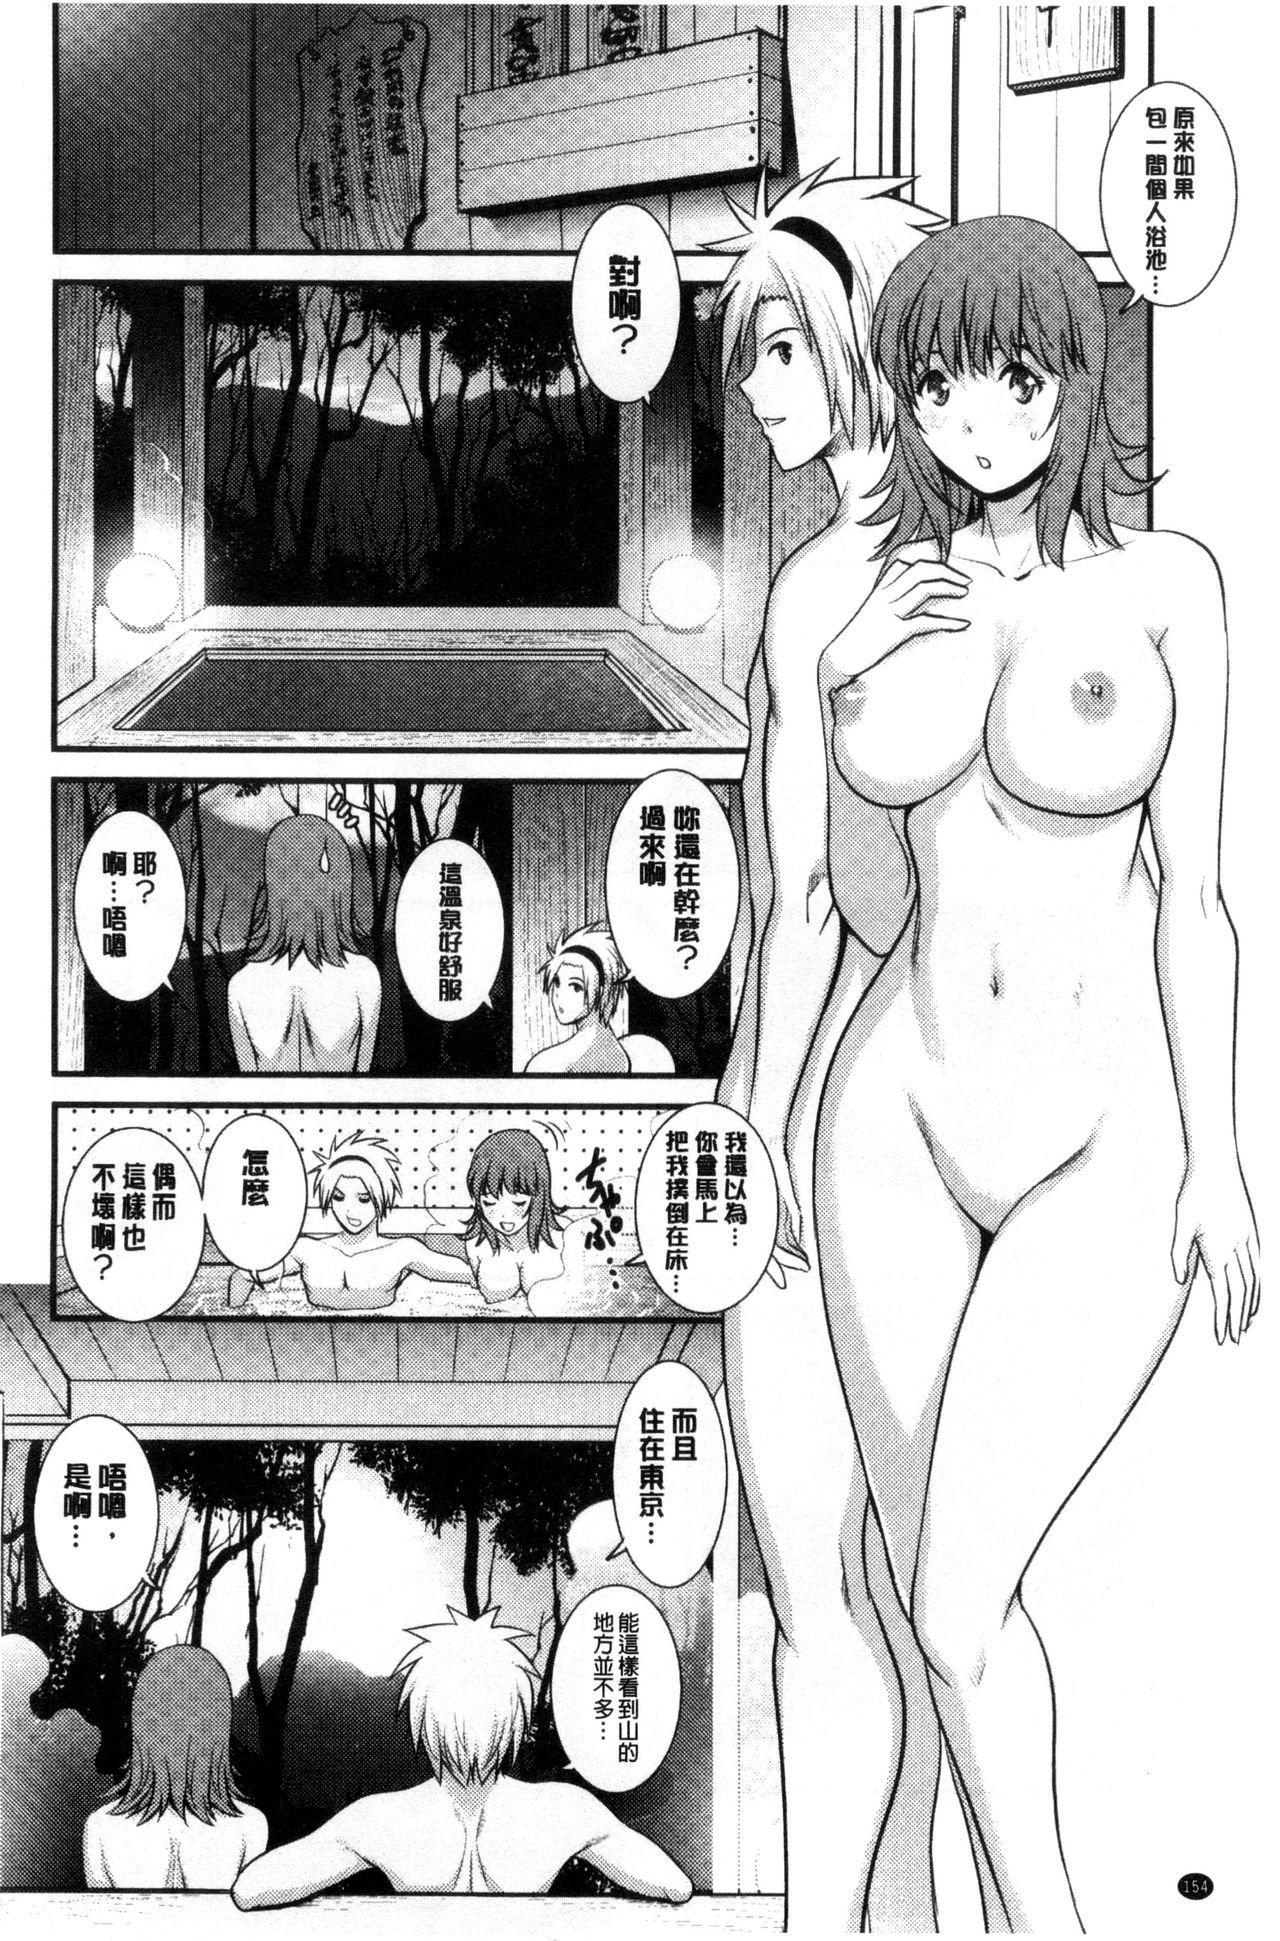 [Saigado] Part Time Manaka-san Wakazuma Enjokousai-ki | 兼職打工的愛花小姐 [Chinese] 154